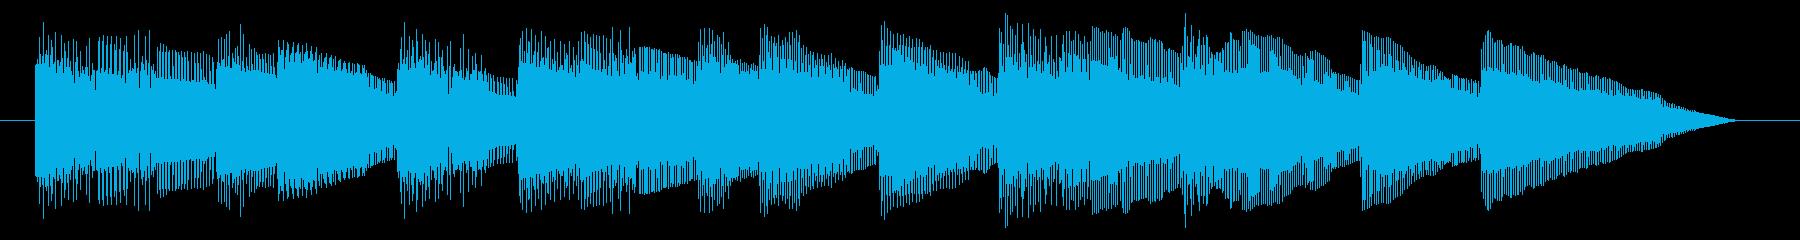 GB風東洋ボードゲームのジングルの再生済みの波形